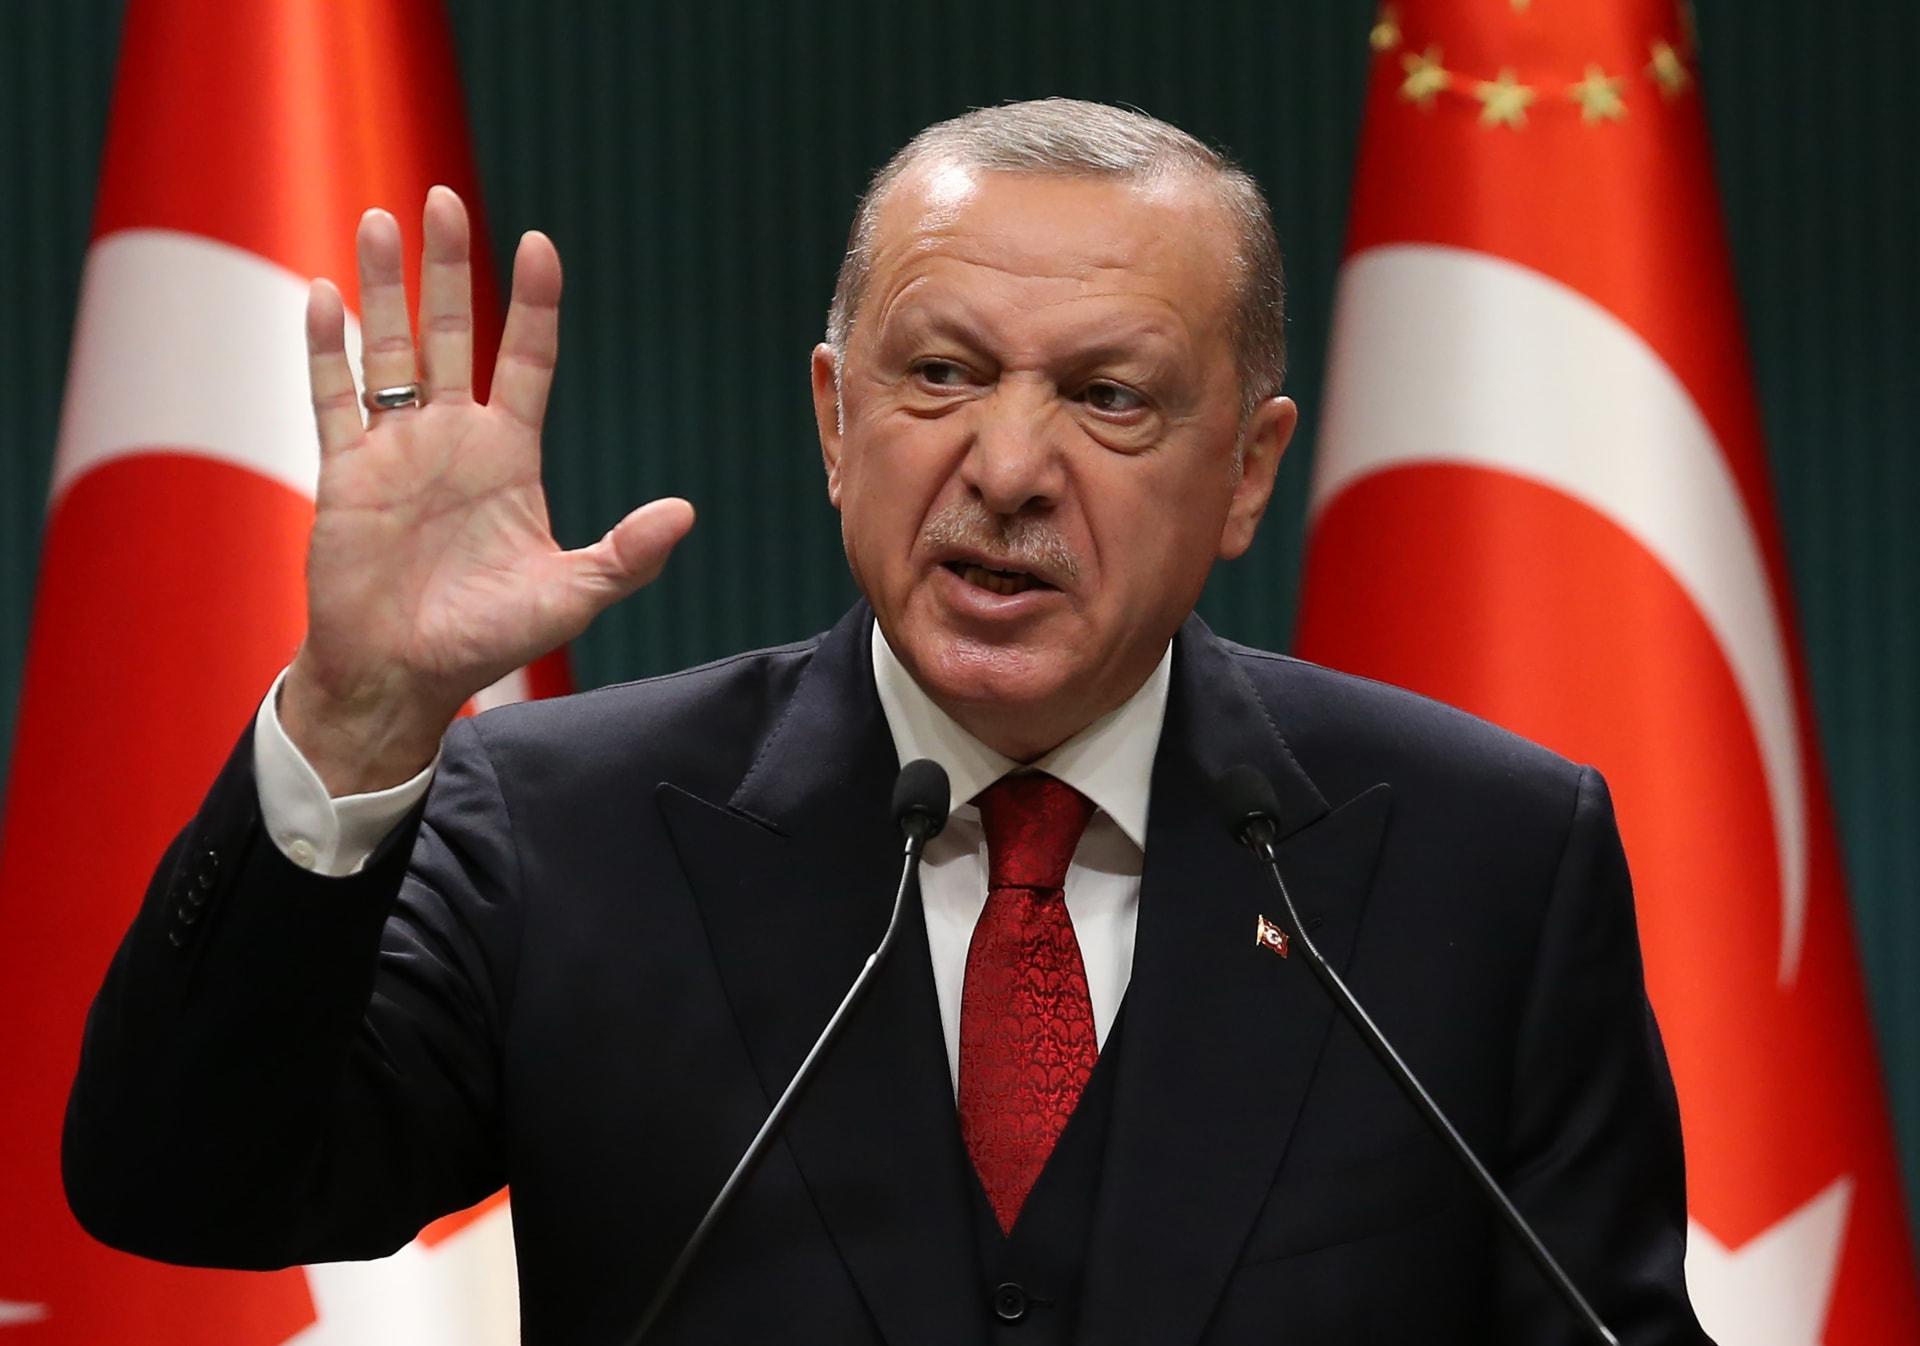 """أردوغان يتحدث عن حق بلاده شرقي المتوسط بصفتها """"وريث الحضارة العثمانية"""""""